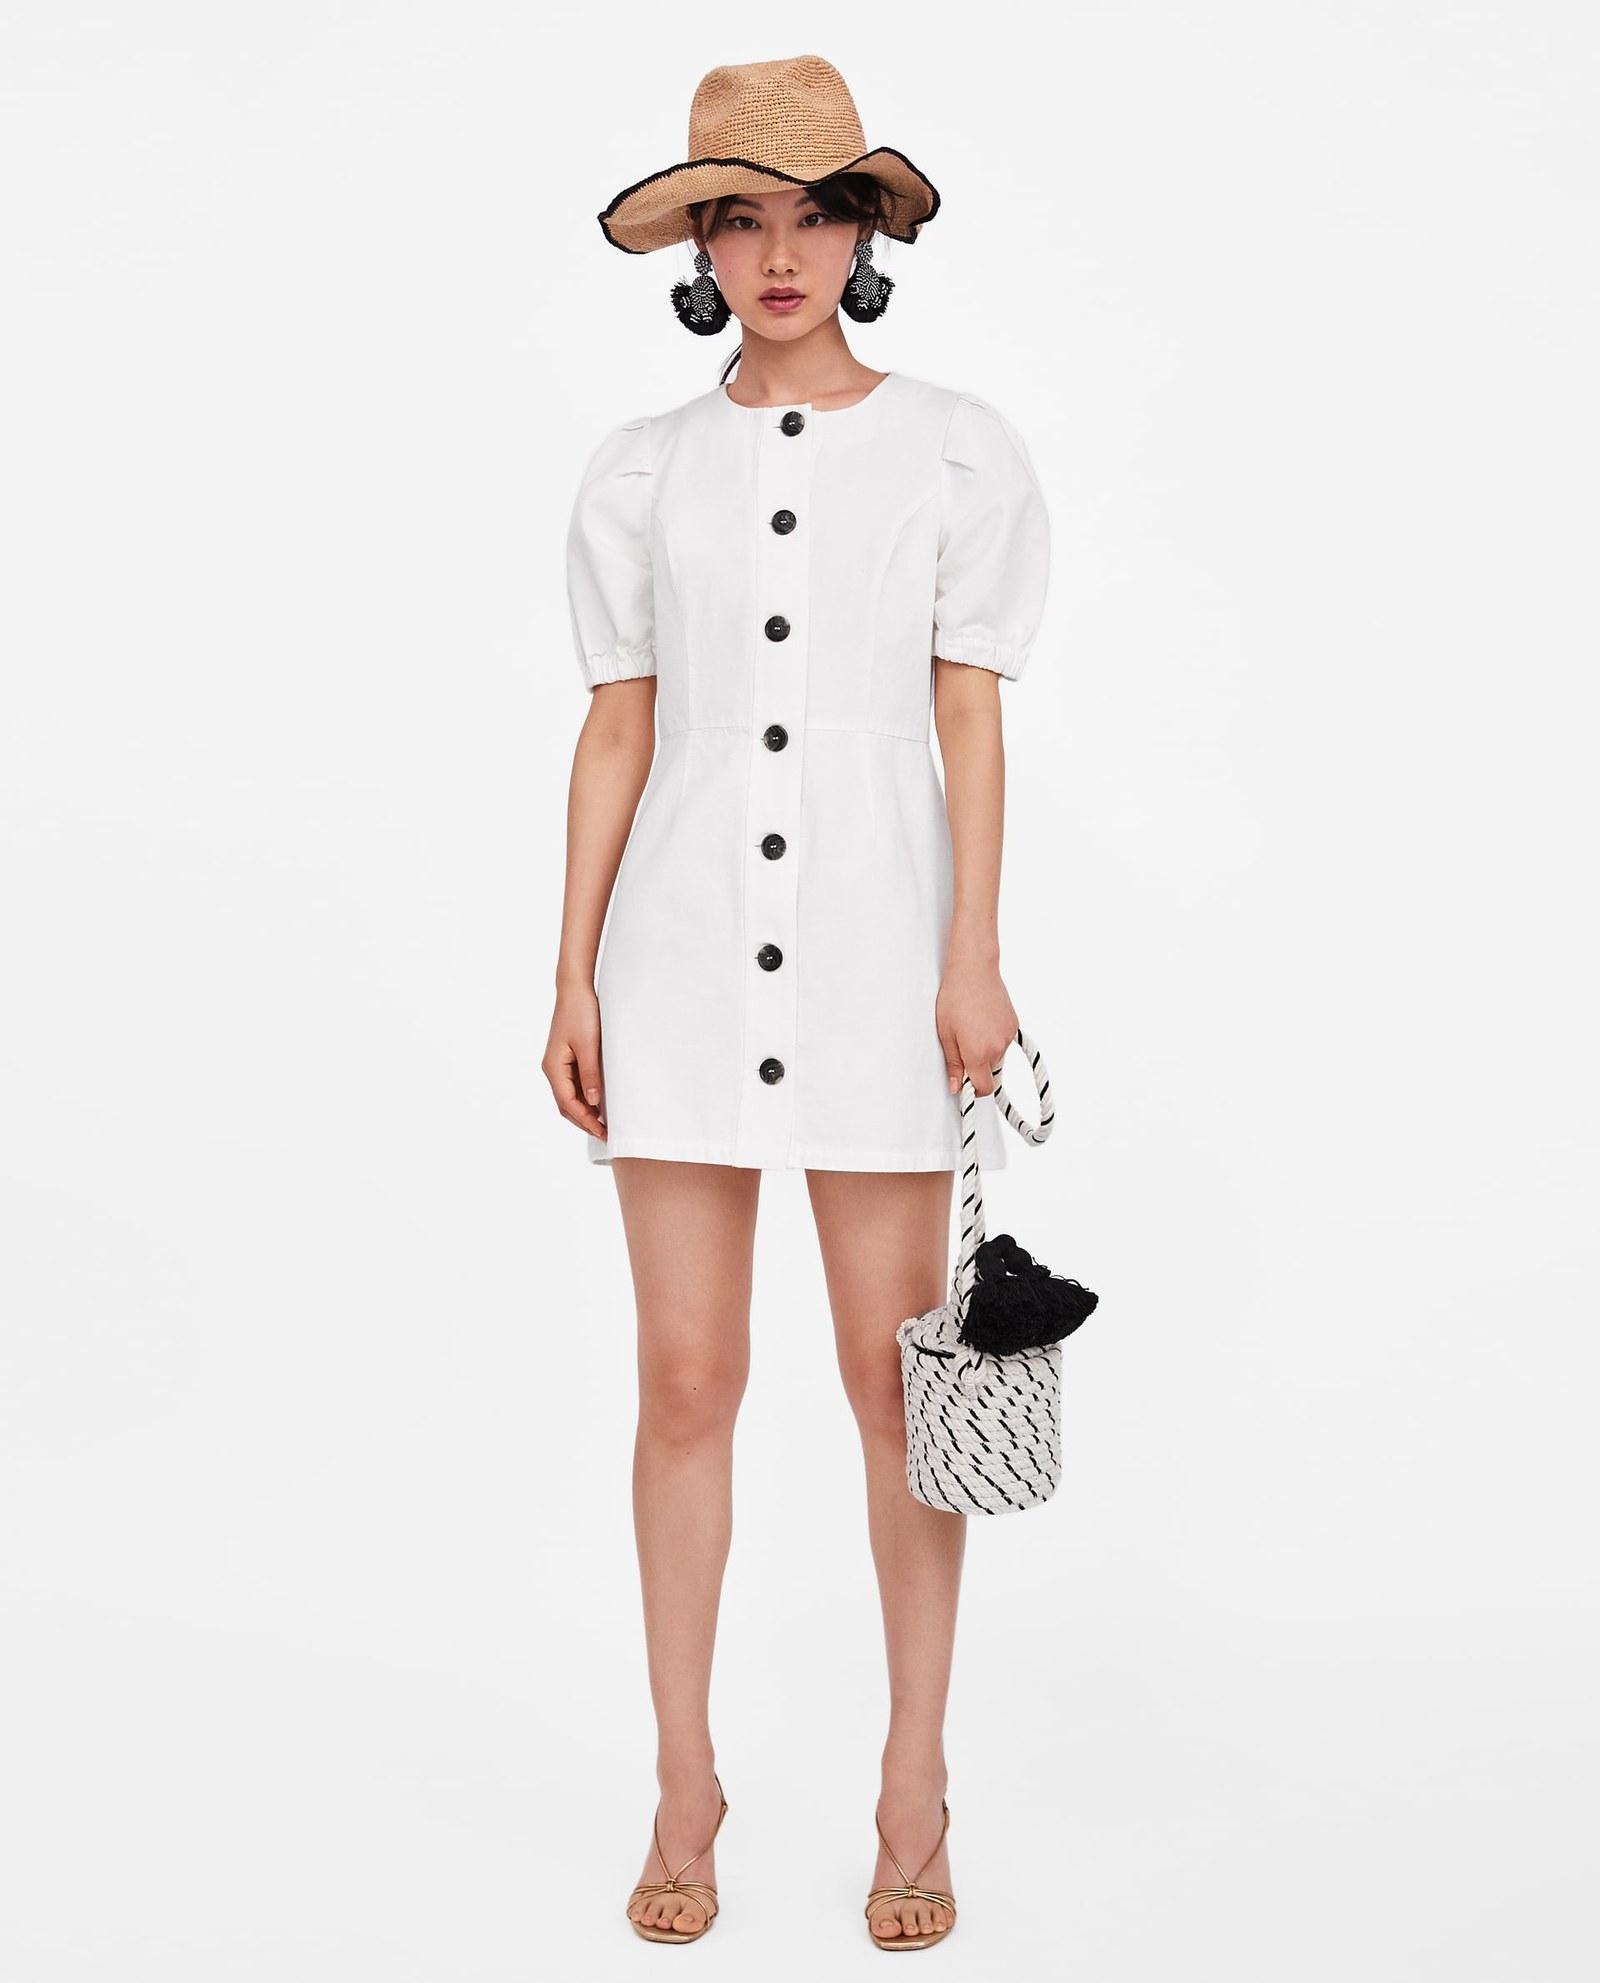 330d6a57a2f Zara Draped Linen T Shirt Dress - BCD Tofu House